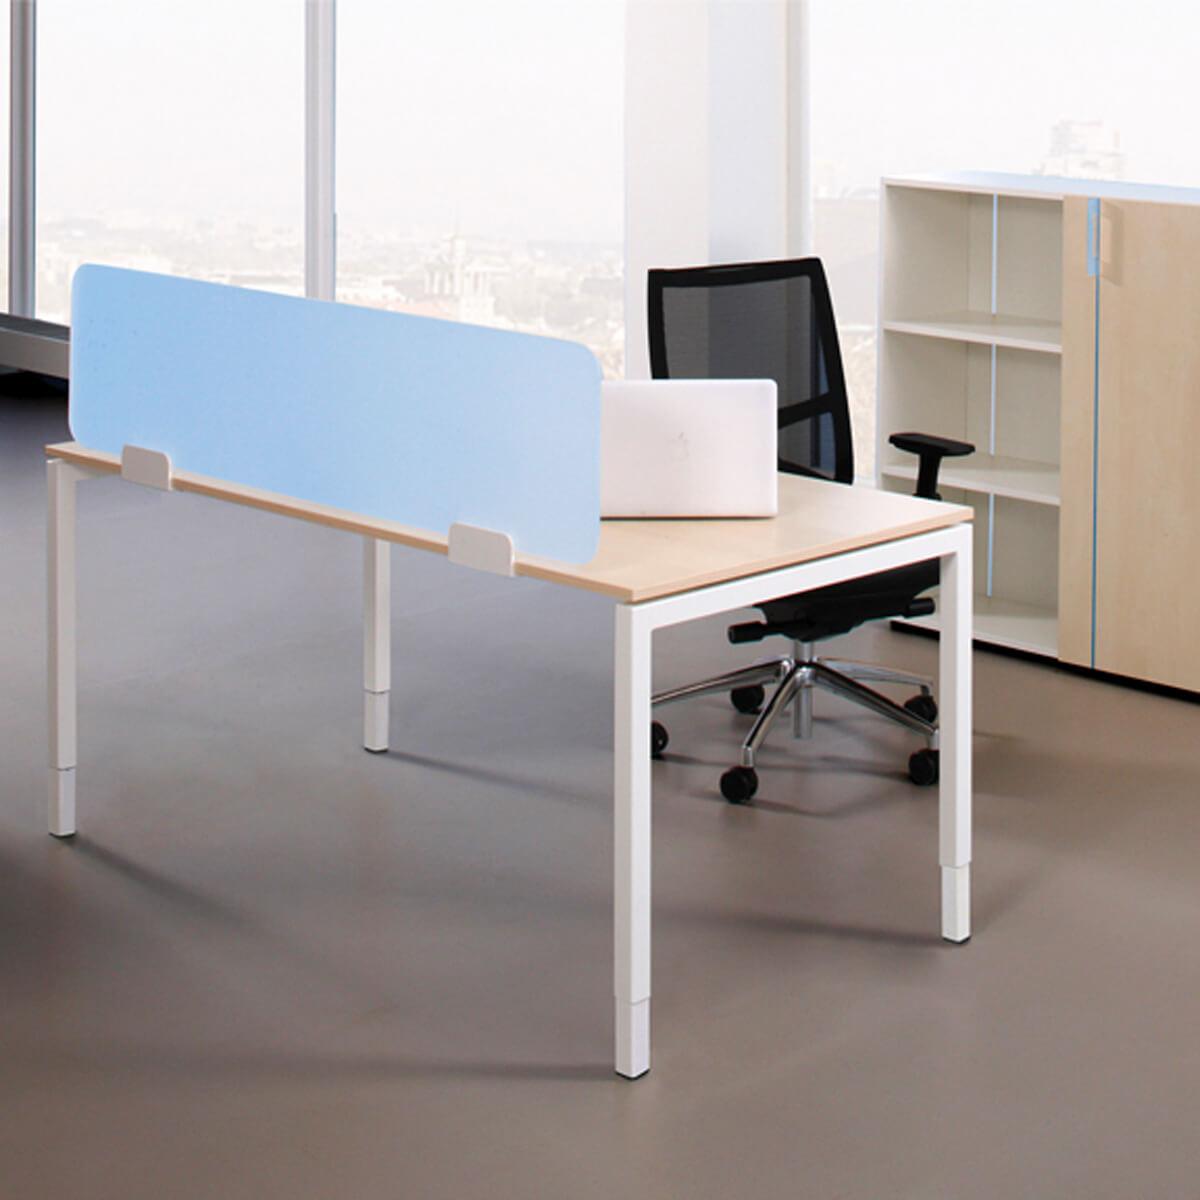 Tisch-Trennwand aus Plexiglas Sichtschutz Raumteiler UNI